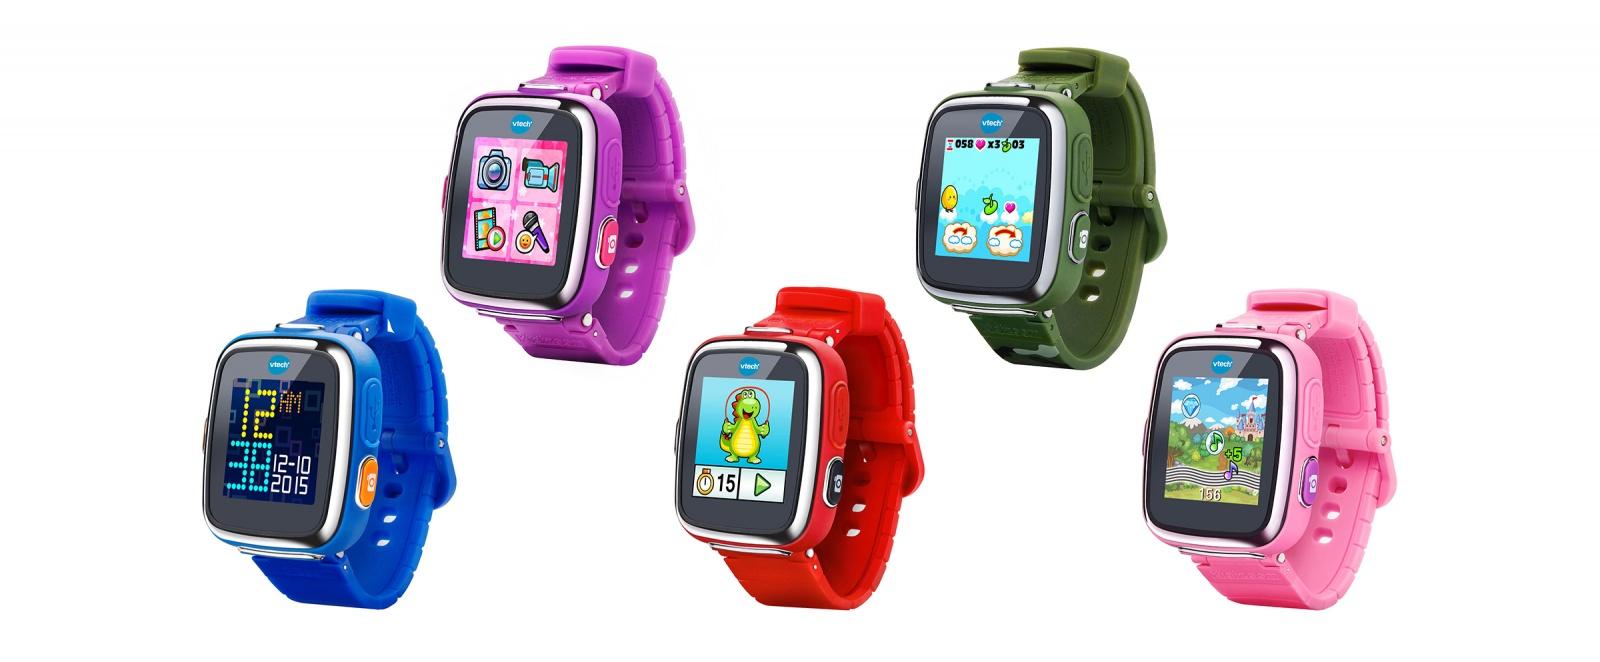 Умные часы, которые могут оказаться полезными как для детей, так и для их родителей - 10